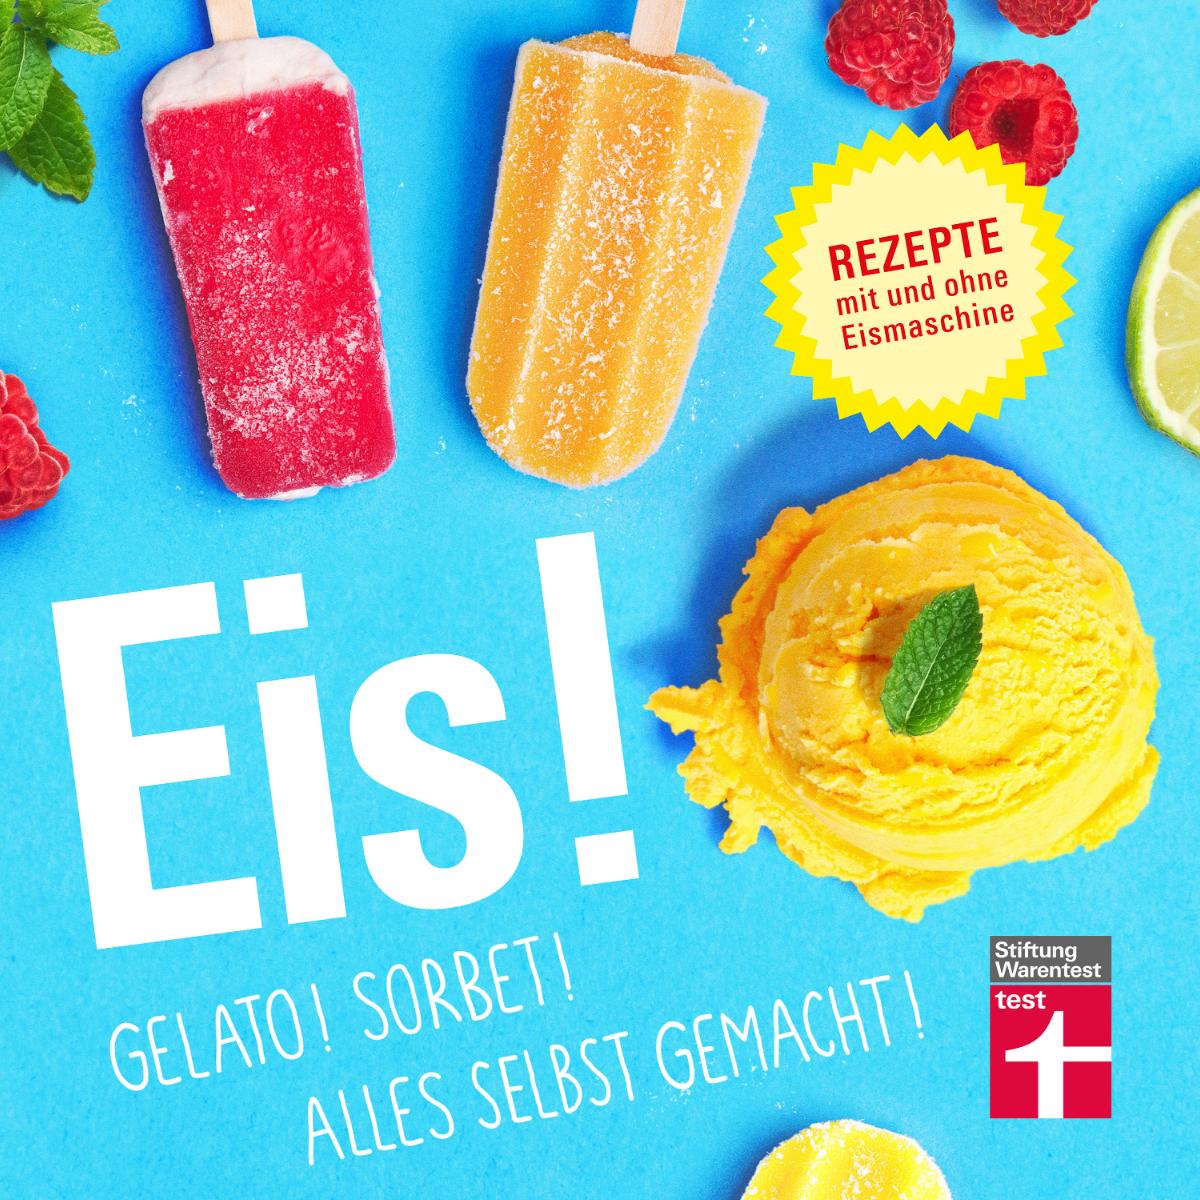 Rezepte Eis! Gelato! Sorbeti Stiftung Warentest